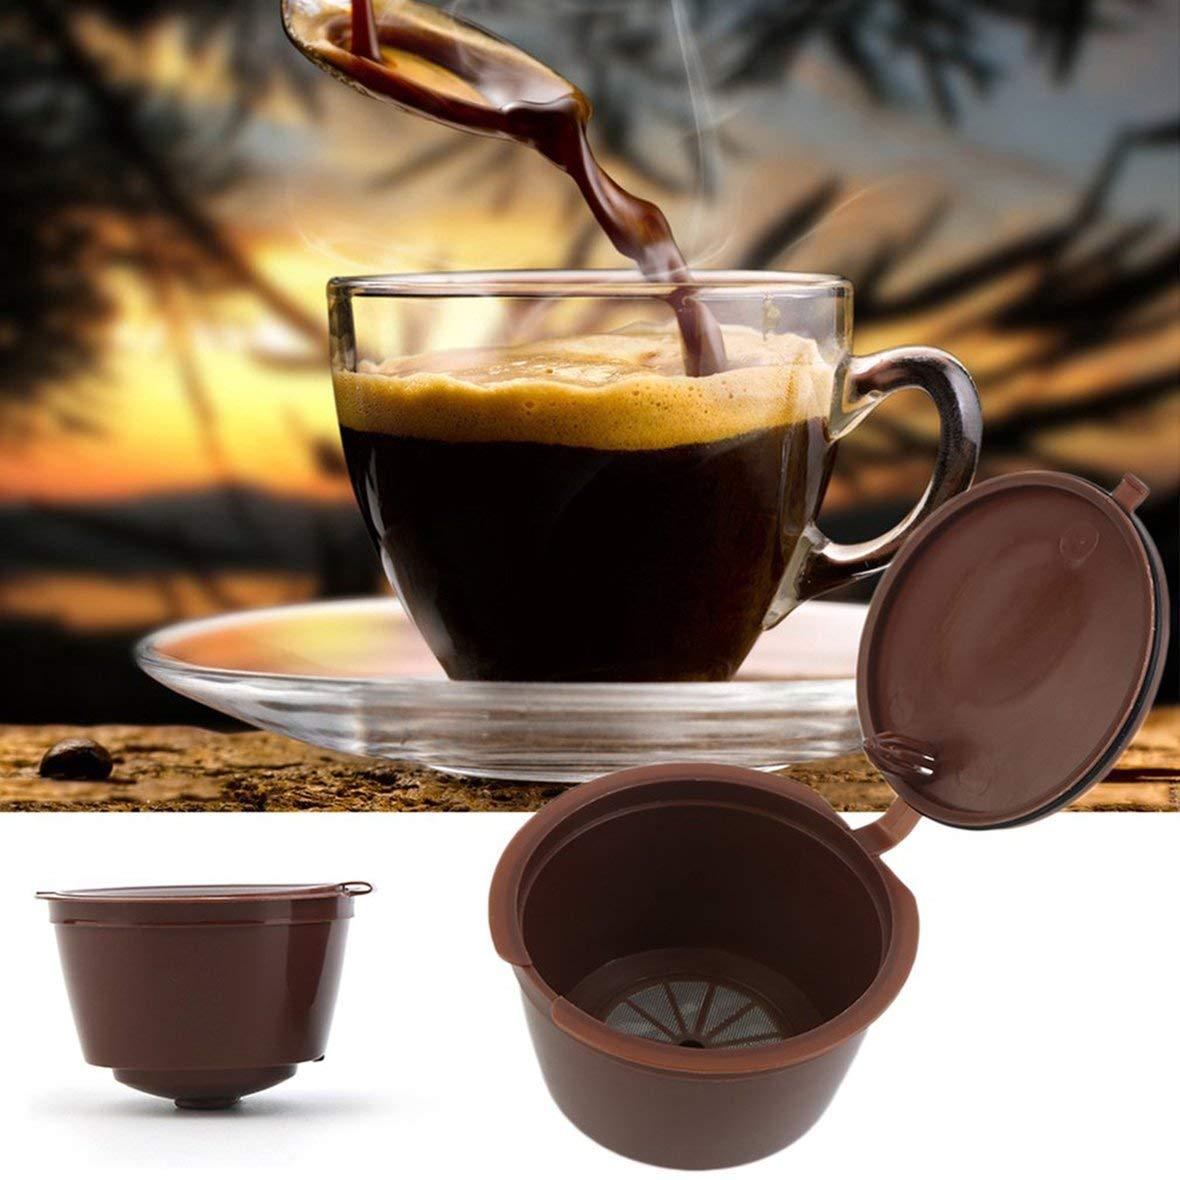 Heaviesk Kaffee Filter Wiederverwendbare Kapsel Kaffee Filter Edelstahl Mesh Kaffee Korb Kaffeemaschine professionelle K/üche Zubeh/ör Filterbecher